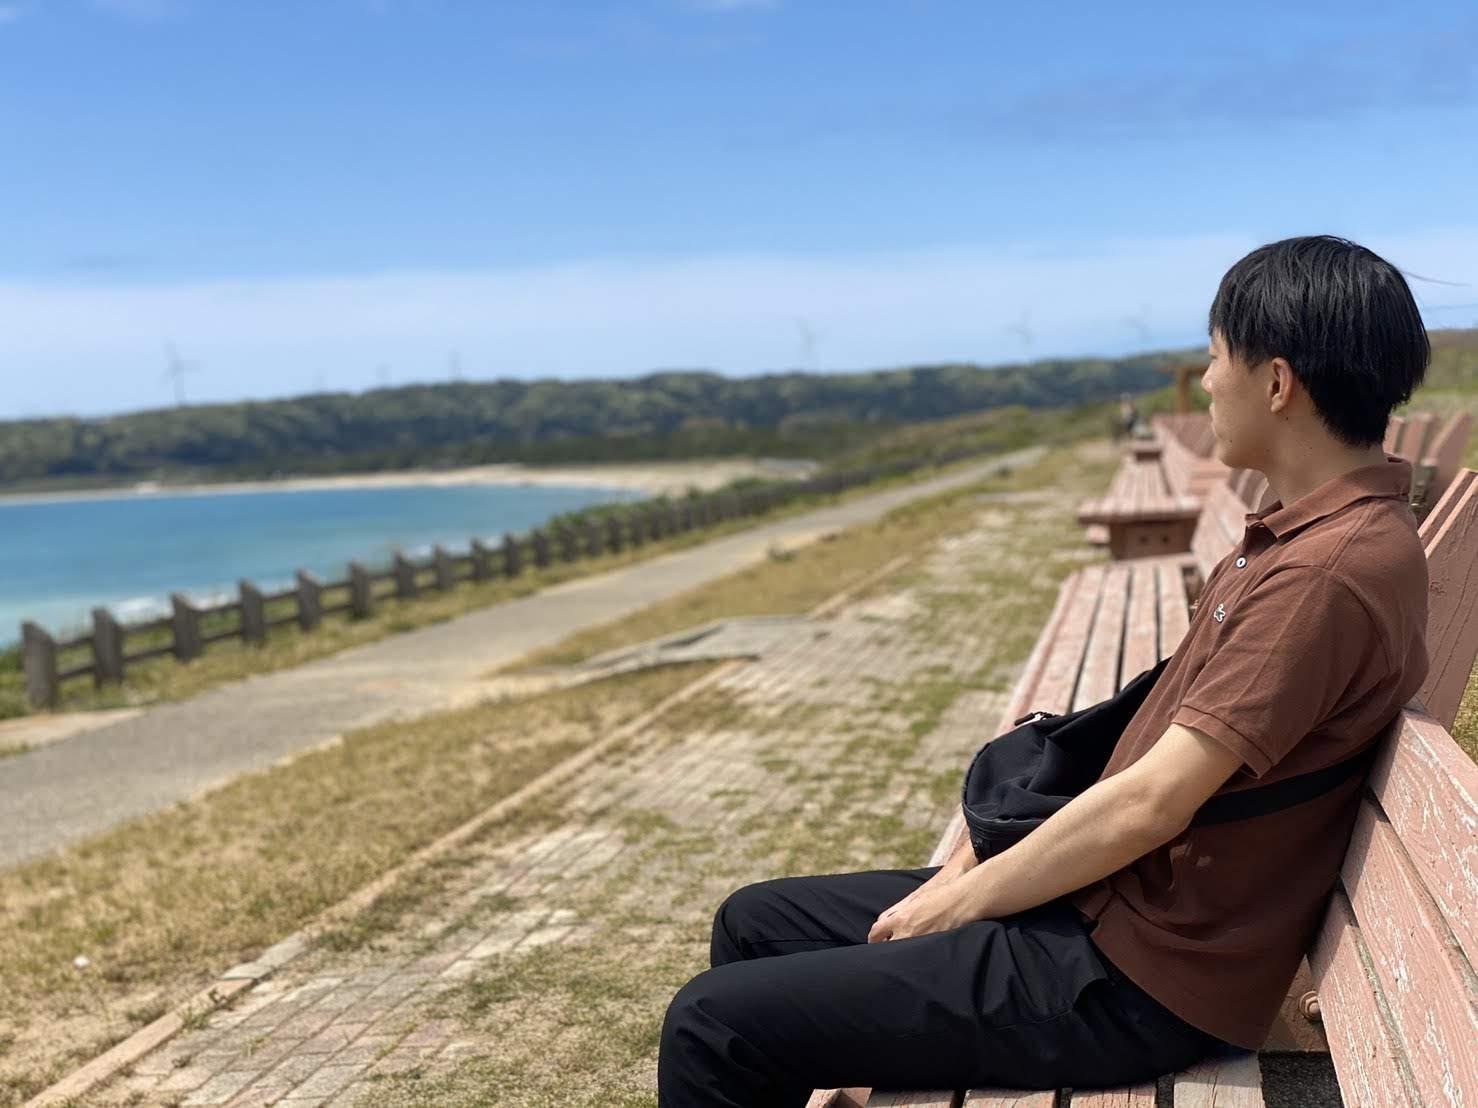 世界一長いベンチと人間